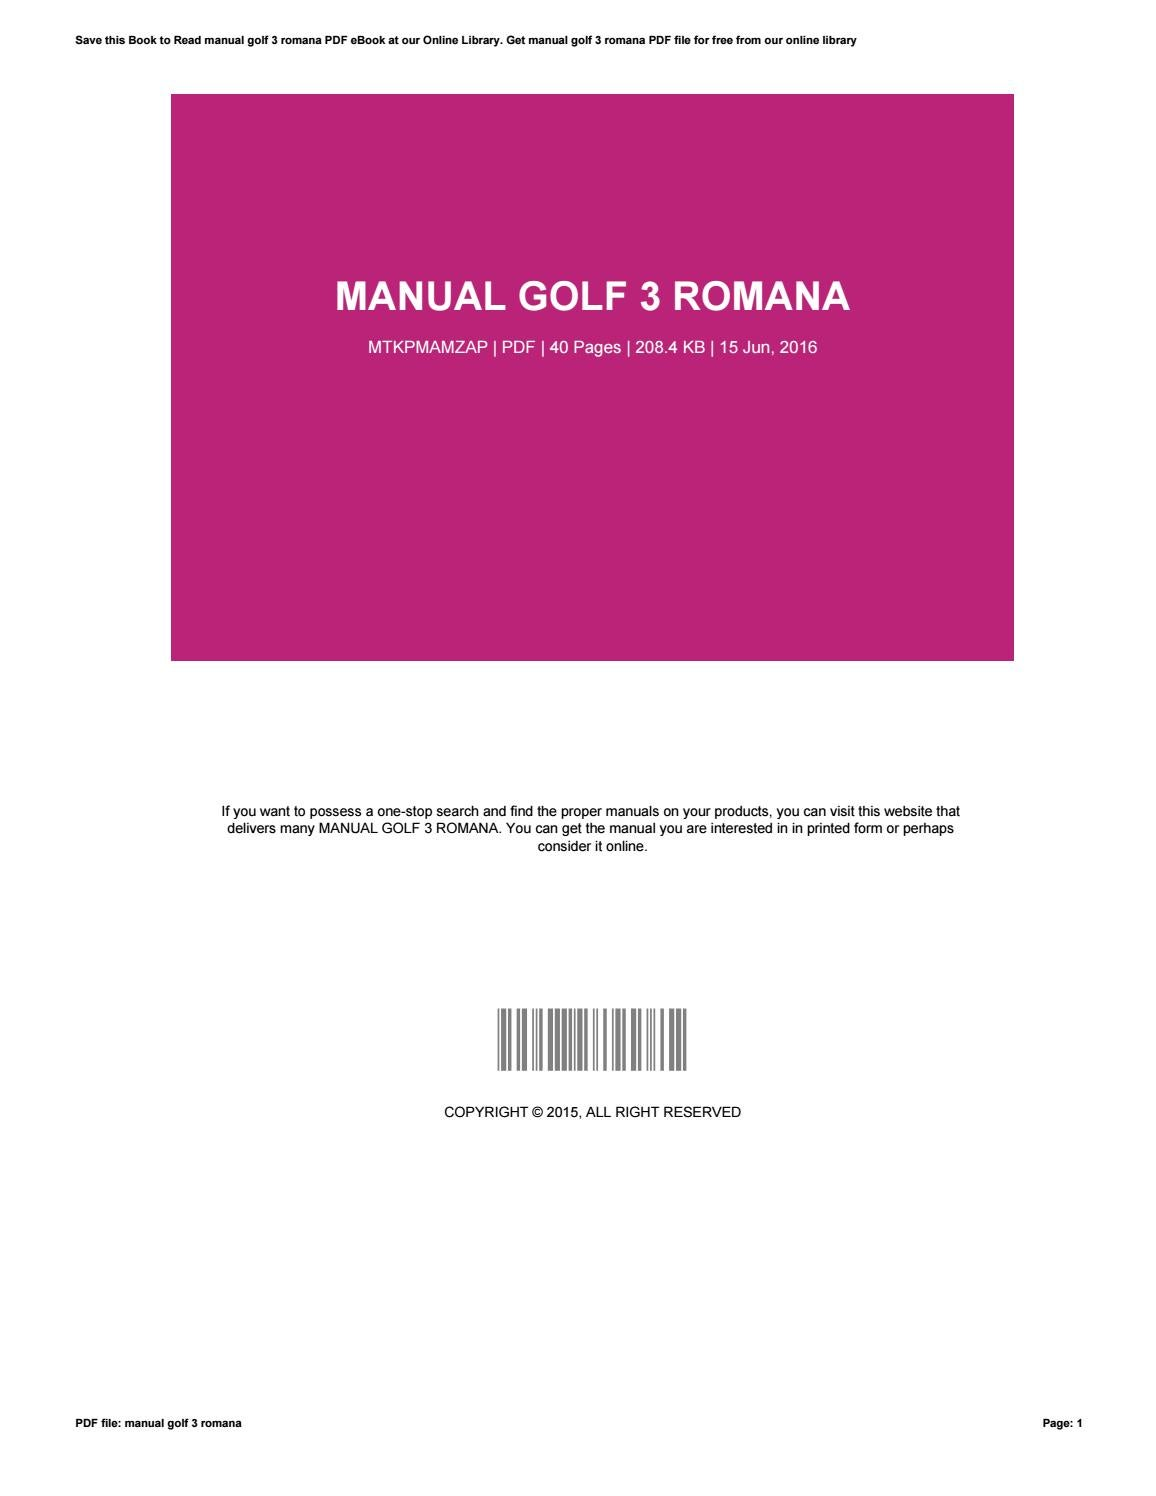 Manual Golf 3 Romana